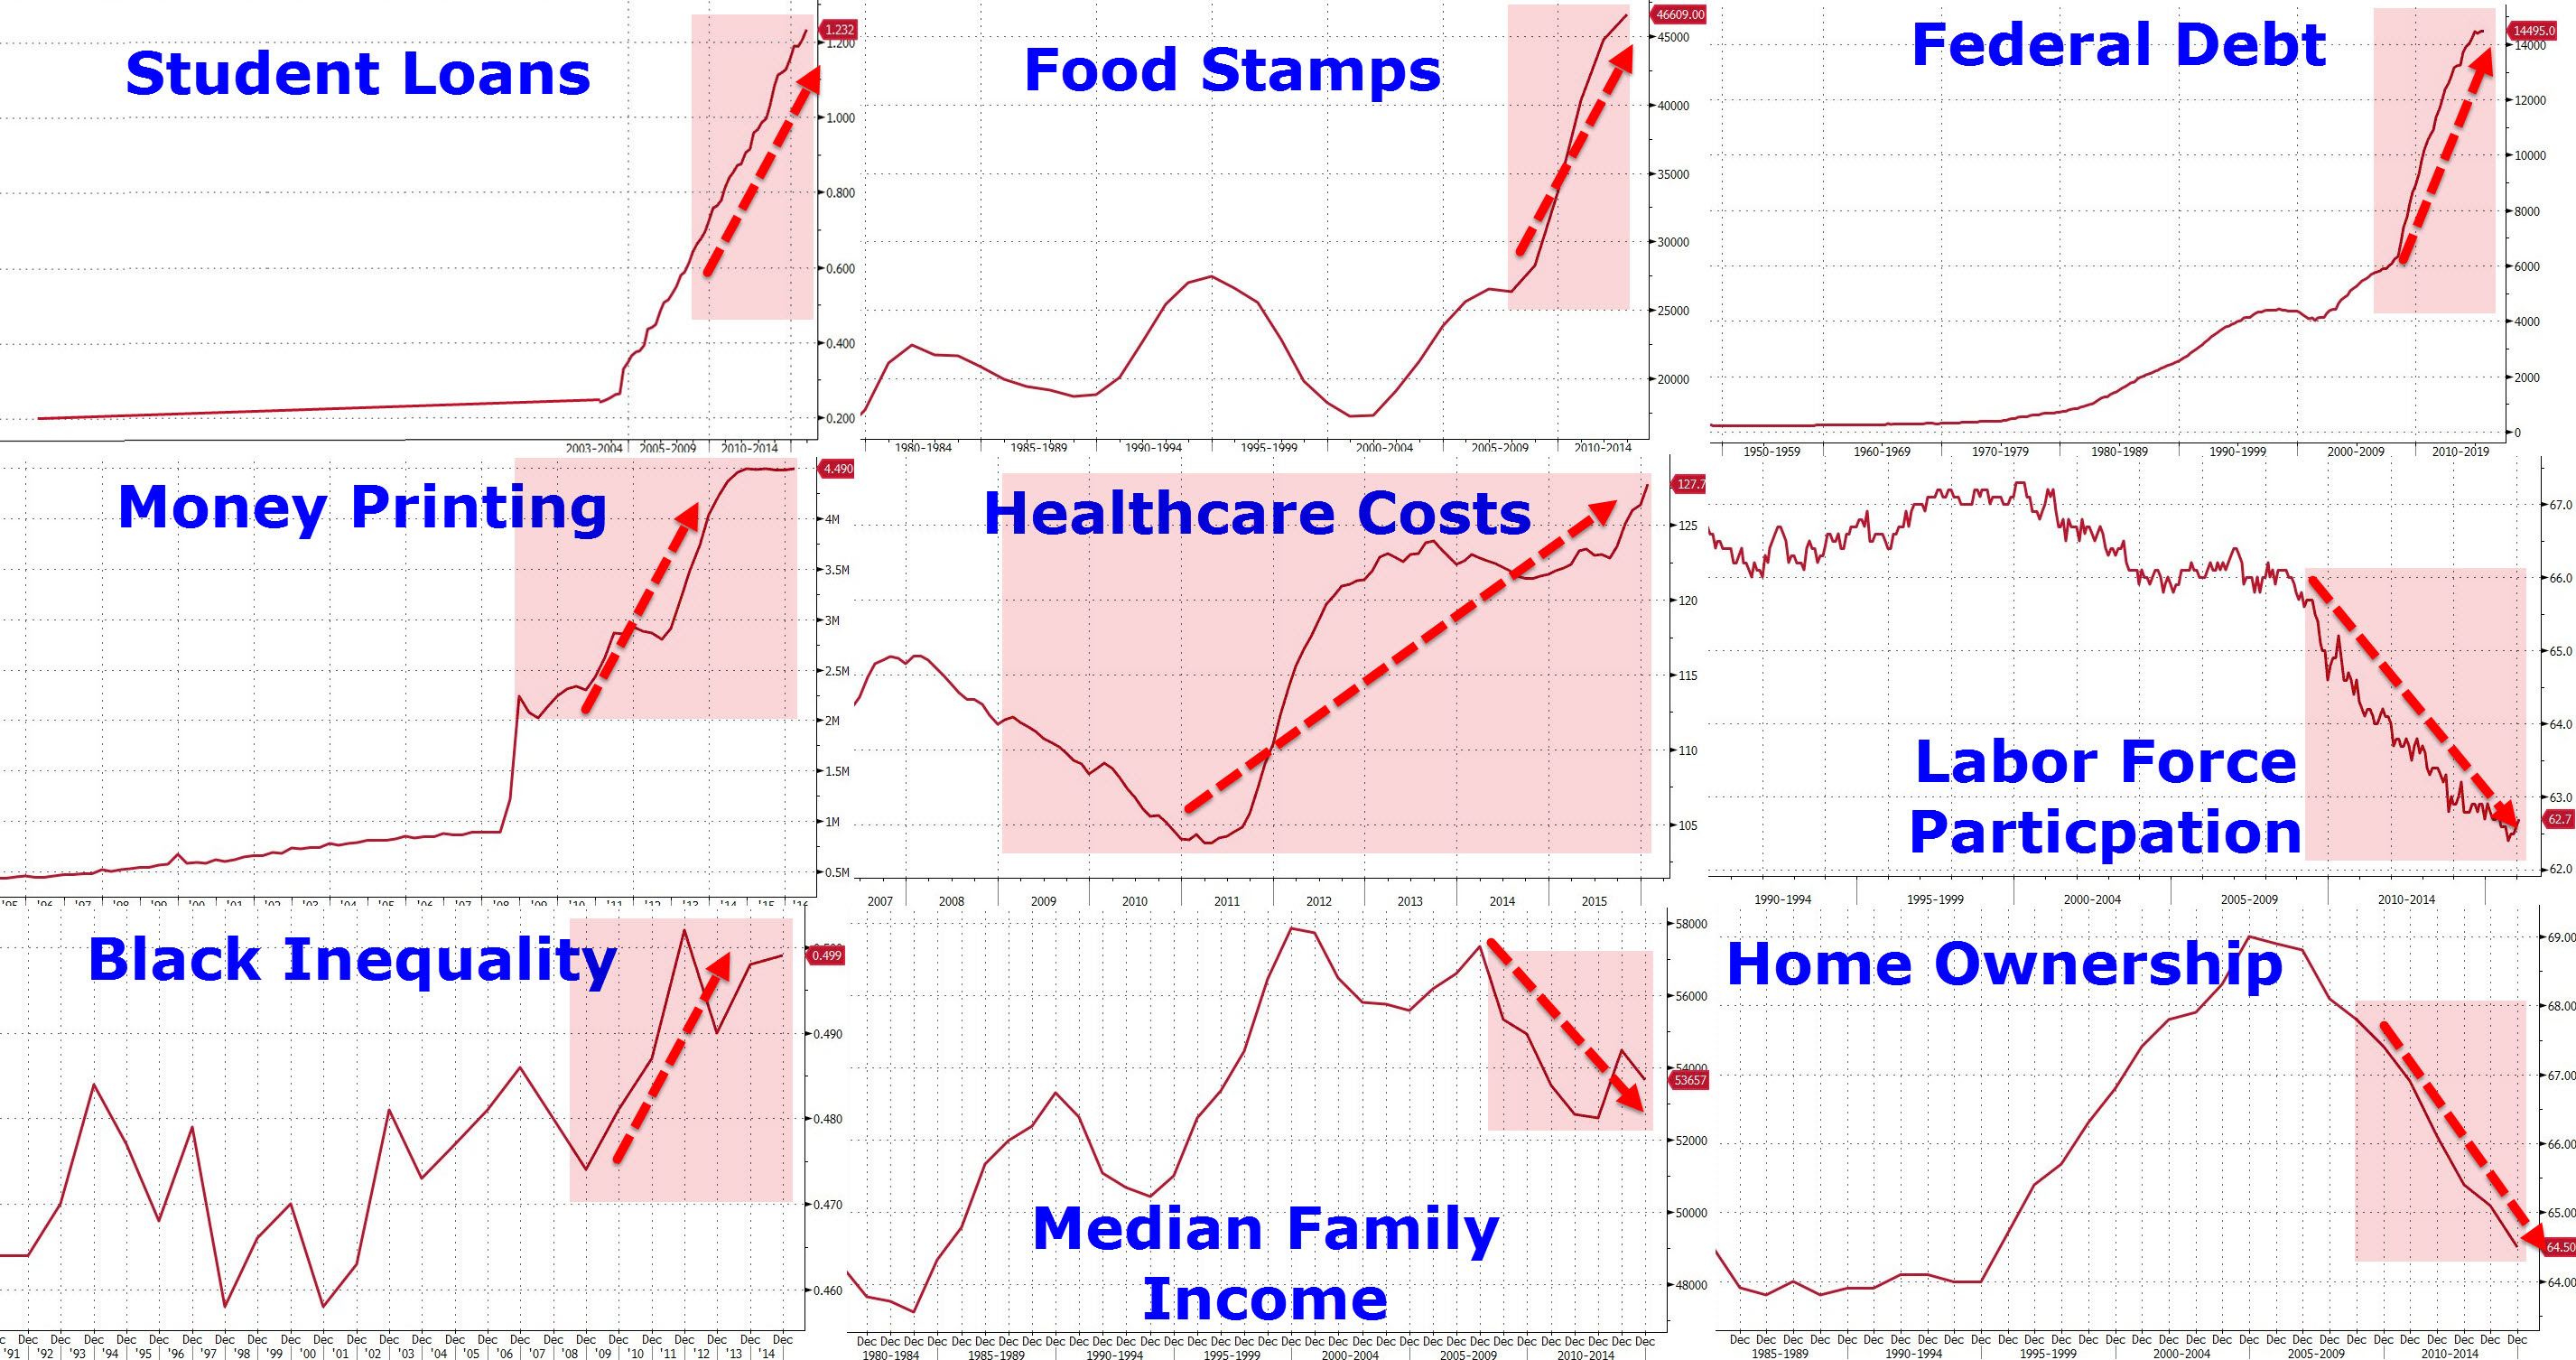 9 charts